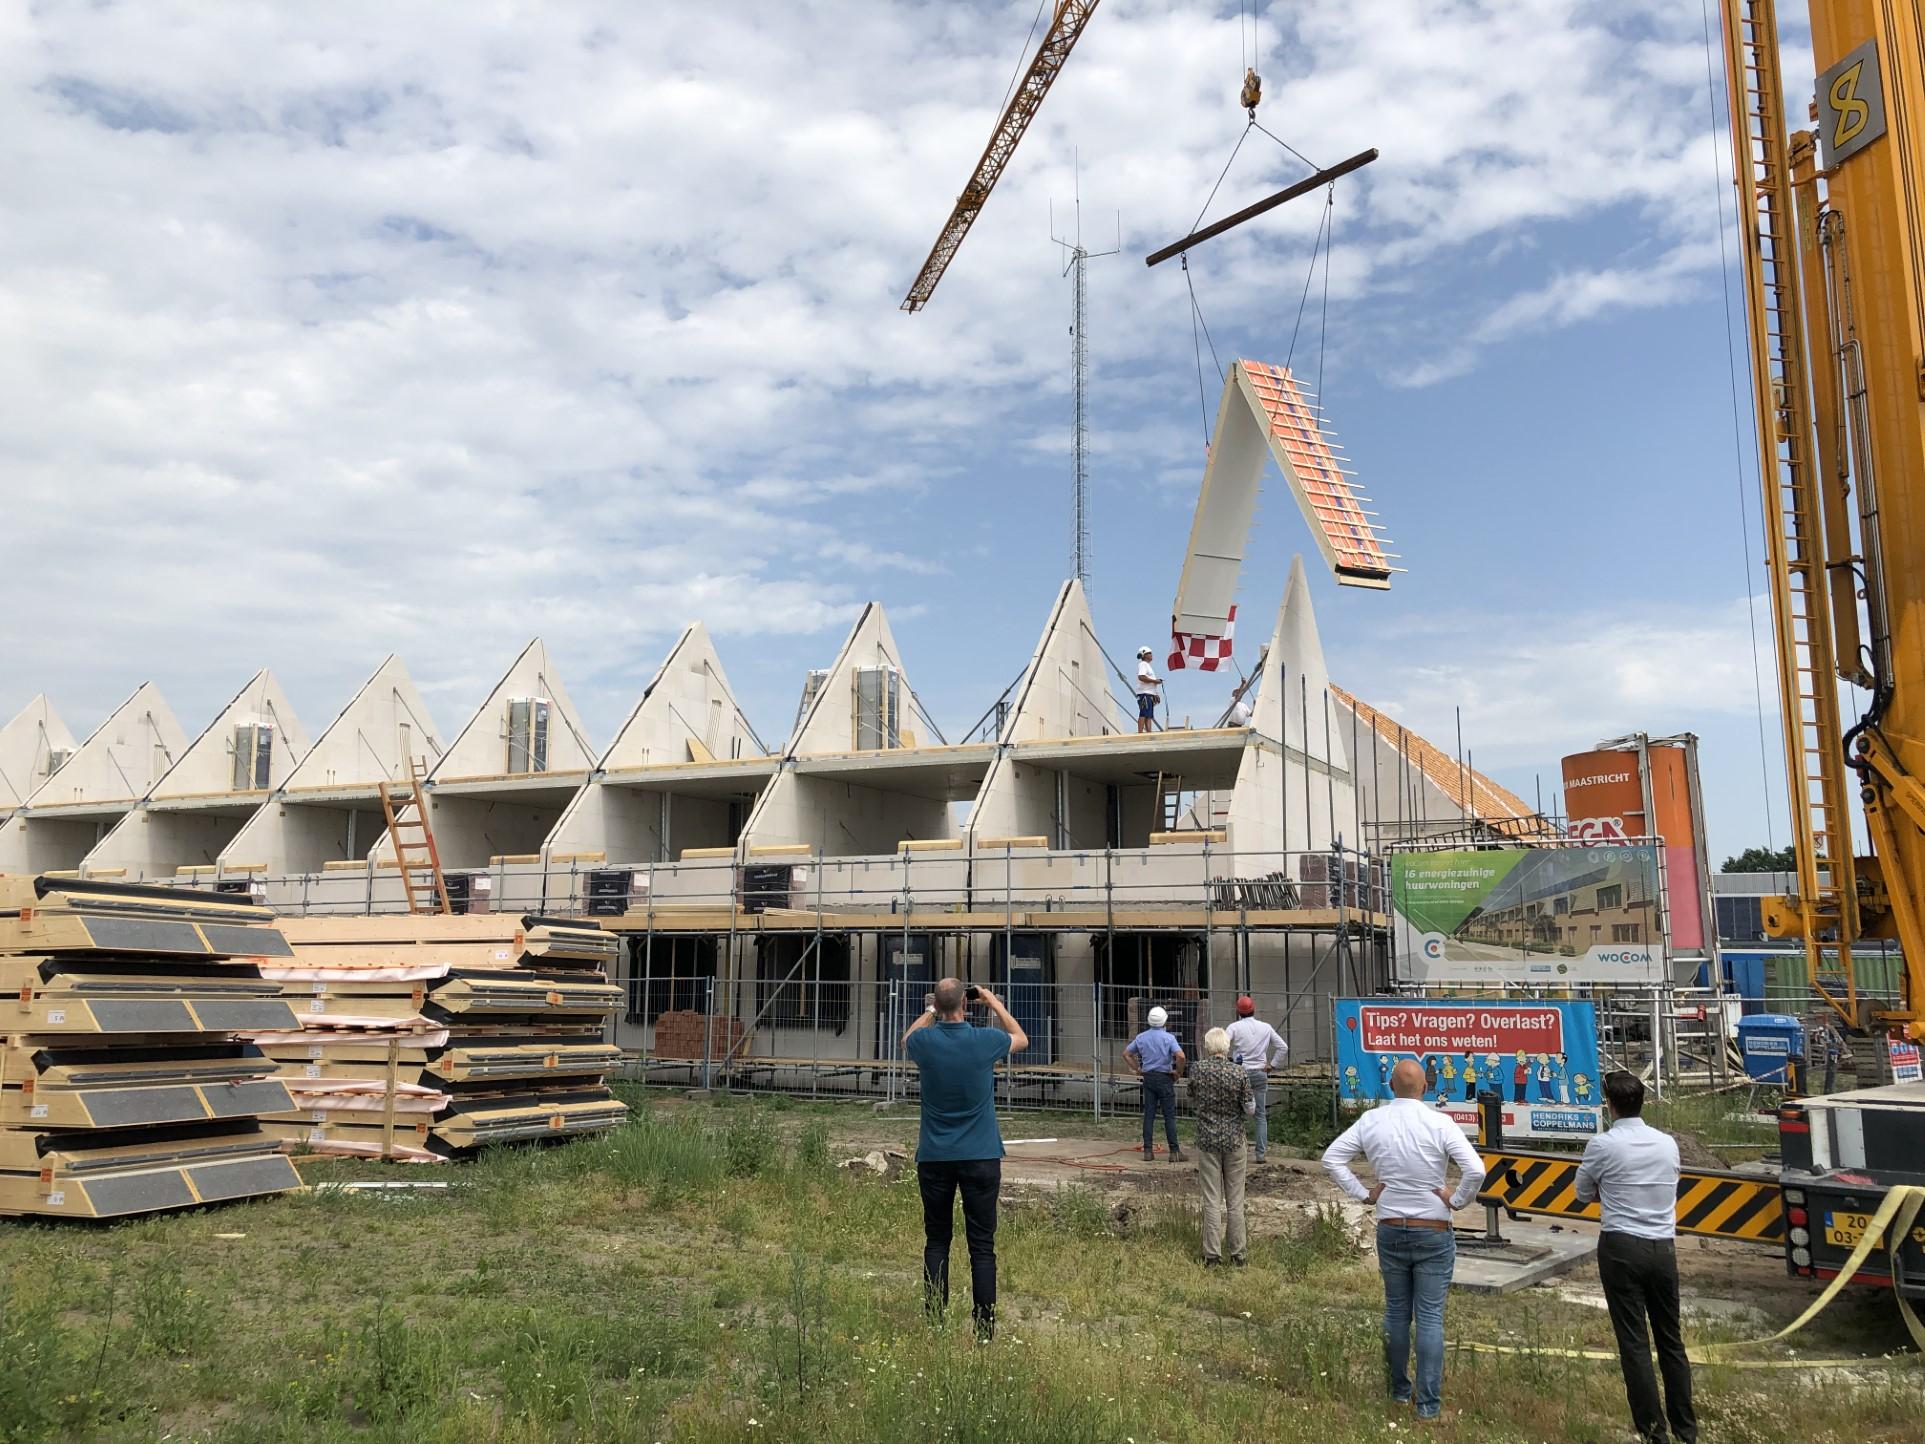 woCom-Groote-Hoeven-Someren-energiezuinig-circulair-nieuwbouwproject-hoogste-punt-Laride-LR